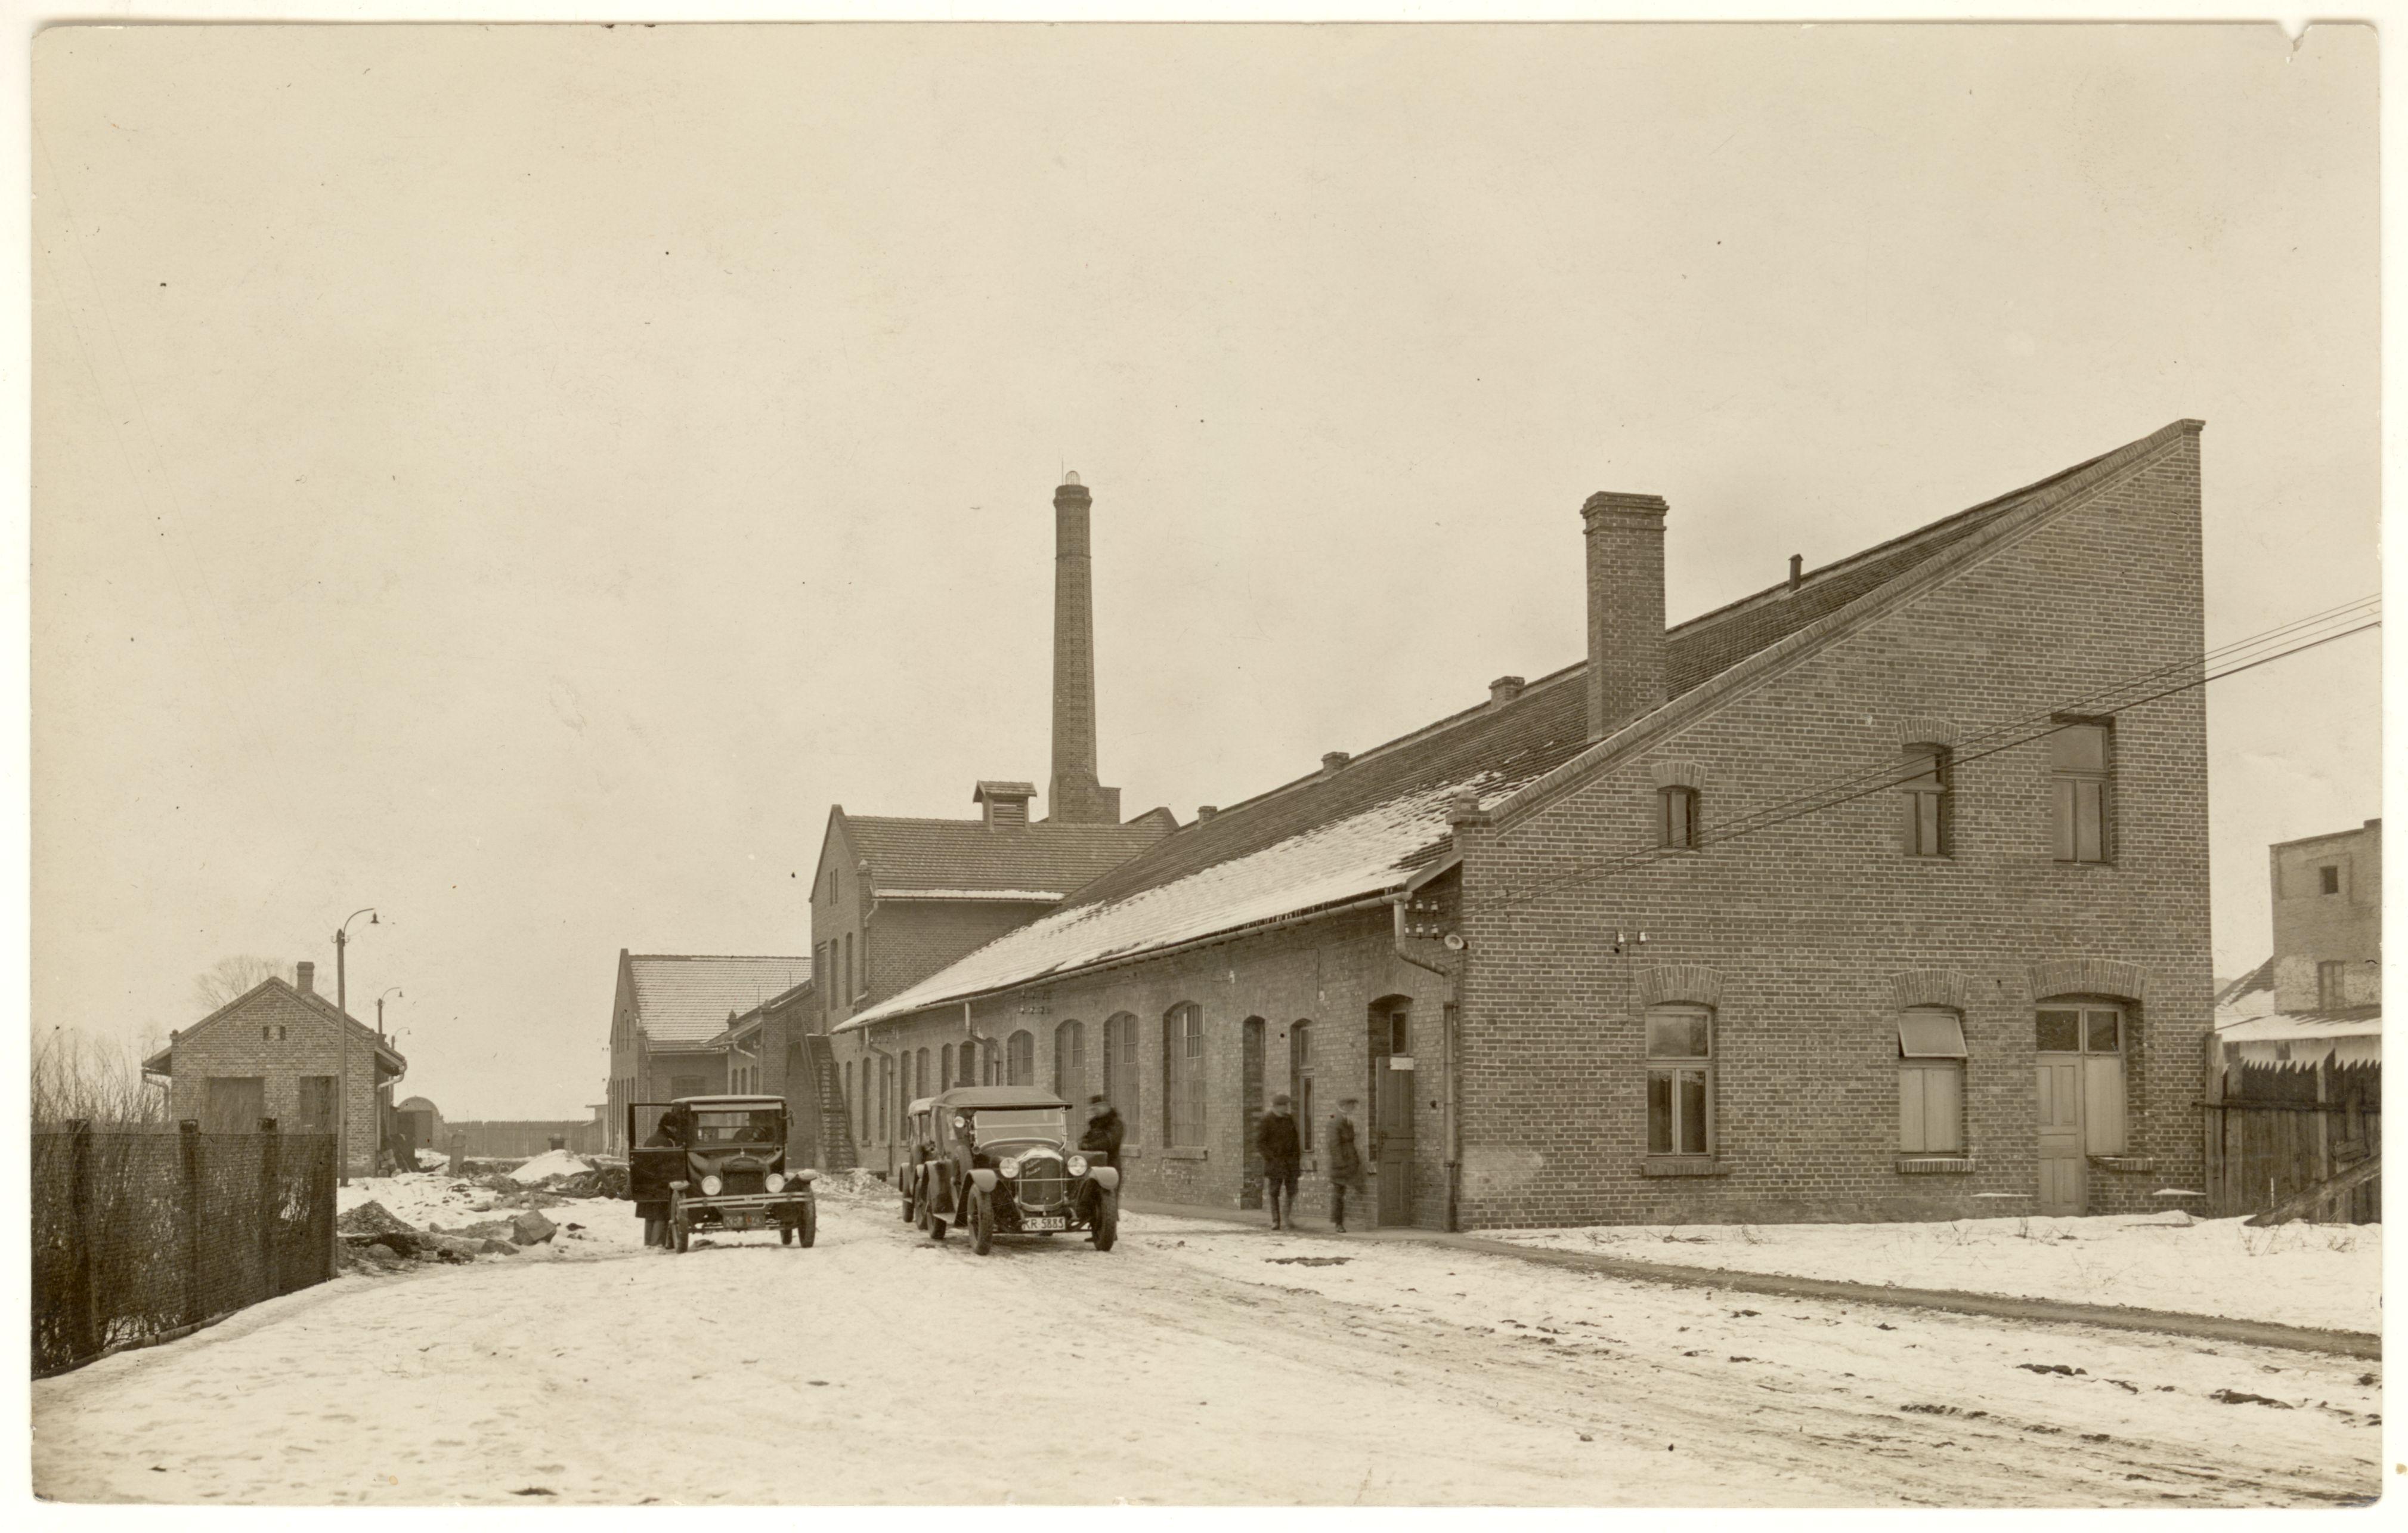 fabryka-wyrobow-gumowych-berson-fot-agencja-fotograficzna-swiatowid-lata-30-xx-w